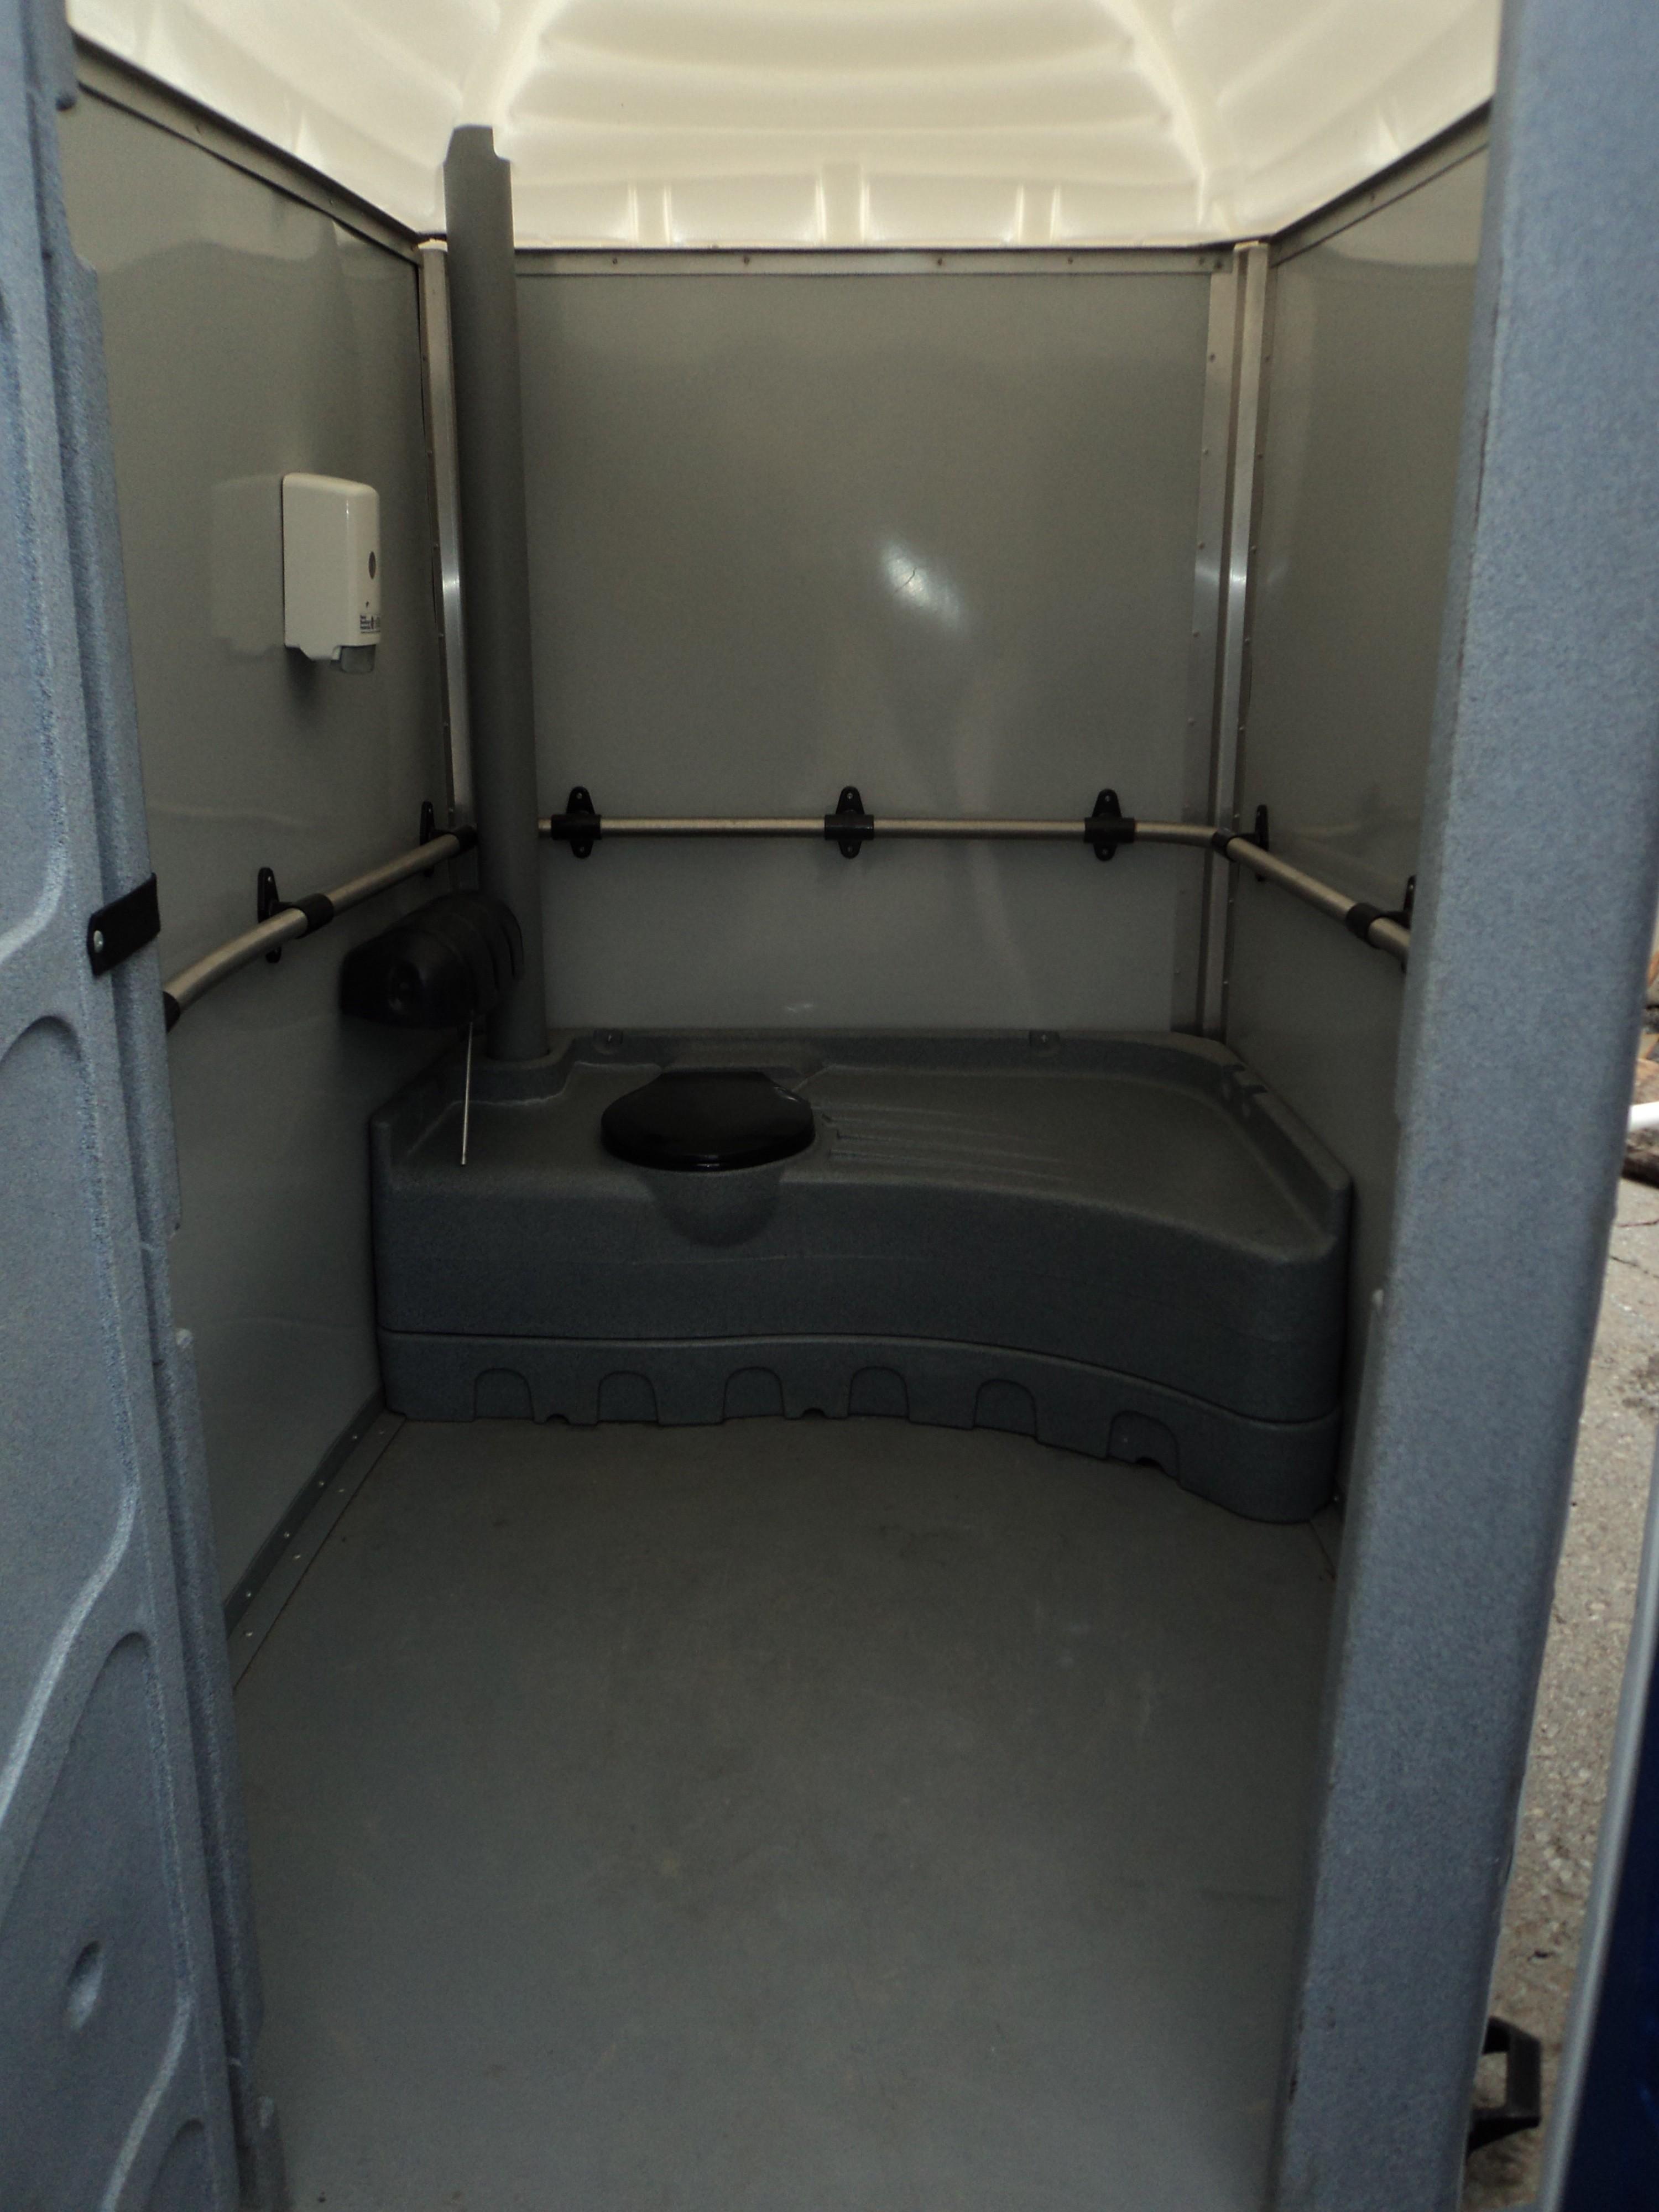 Mobile Bathrooms Fair 50 Handicap Bathroom Airplane